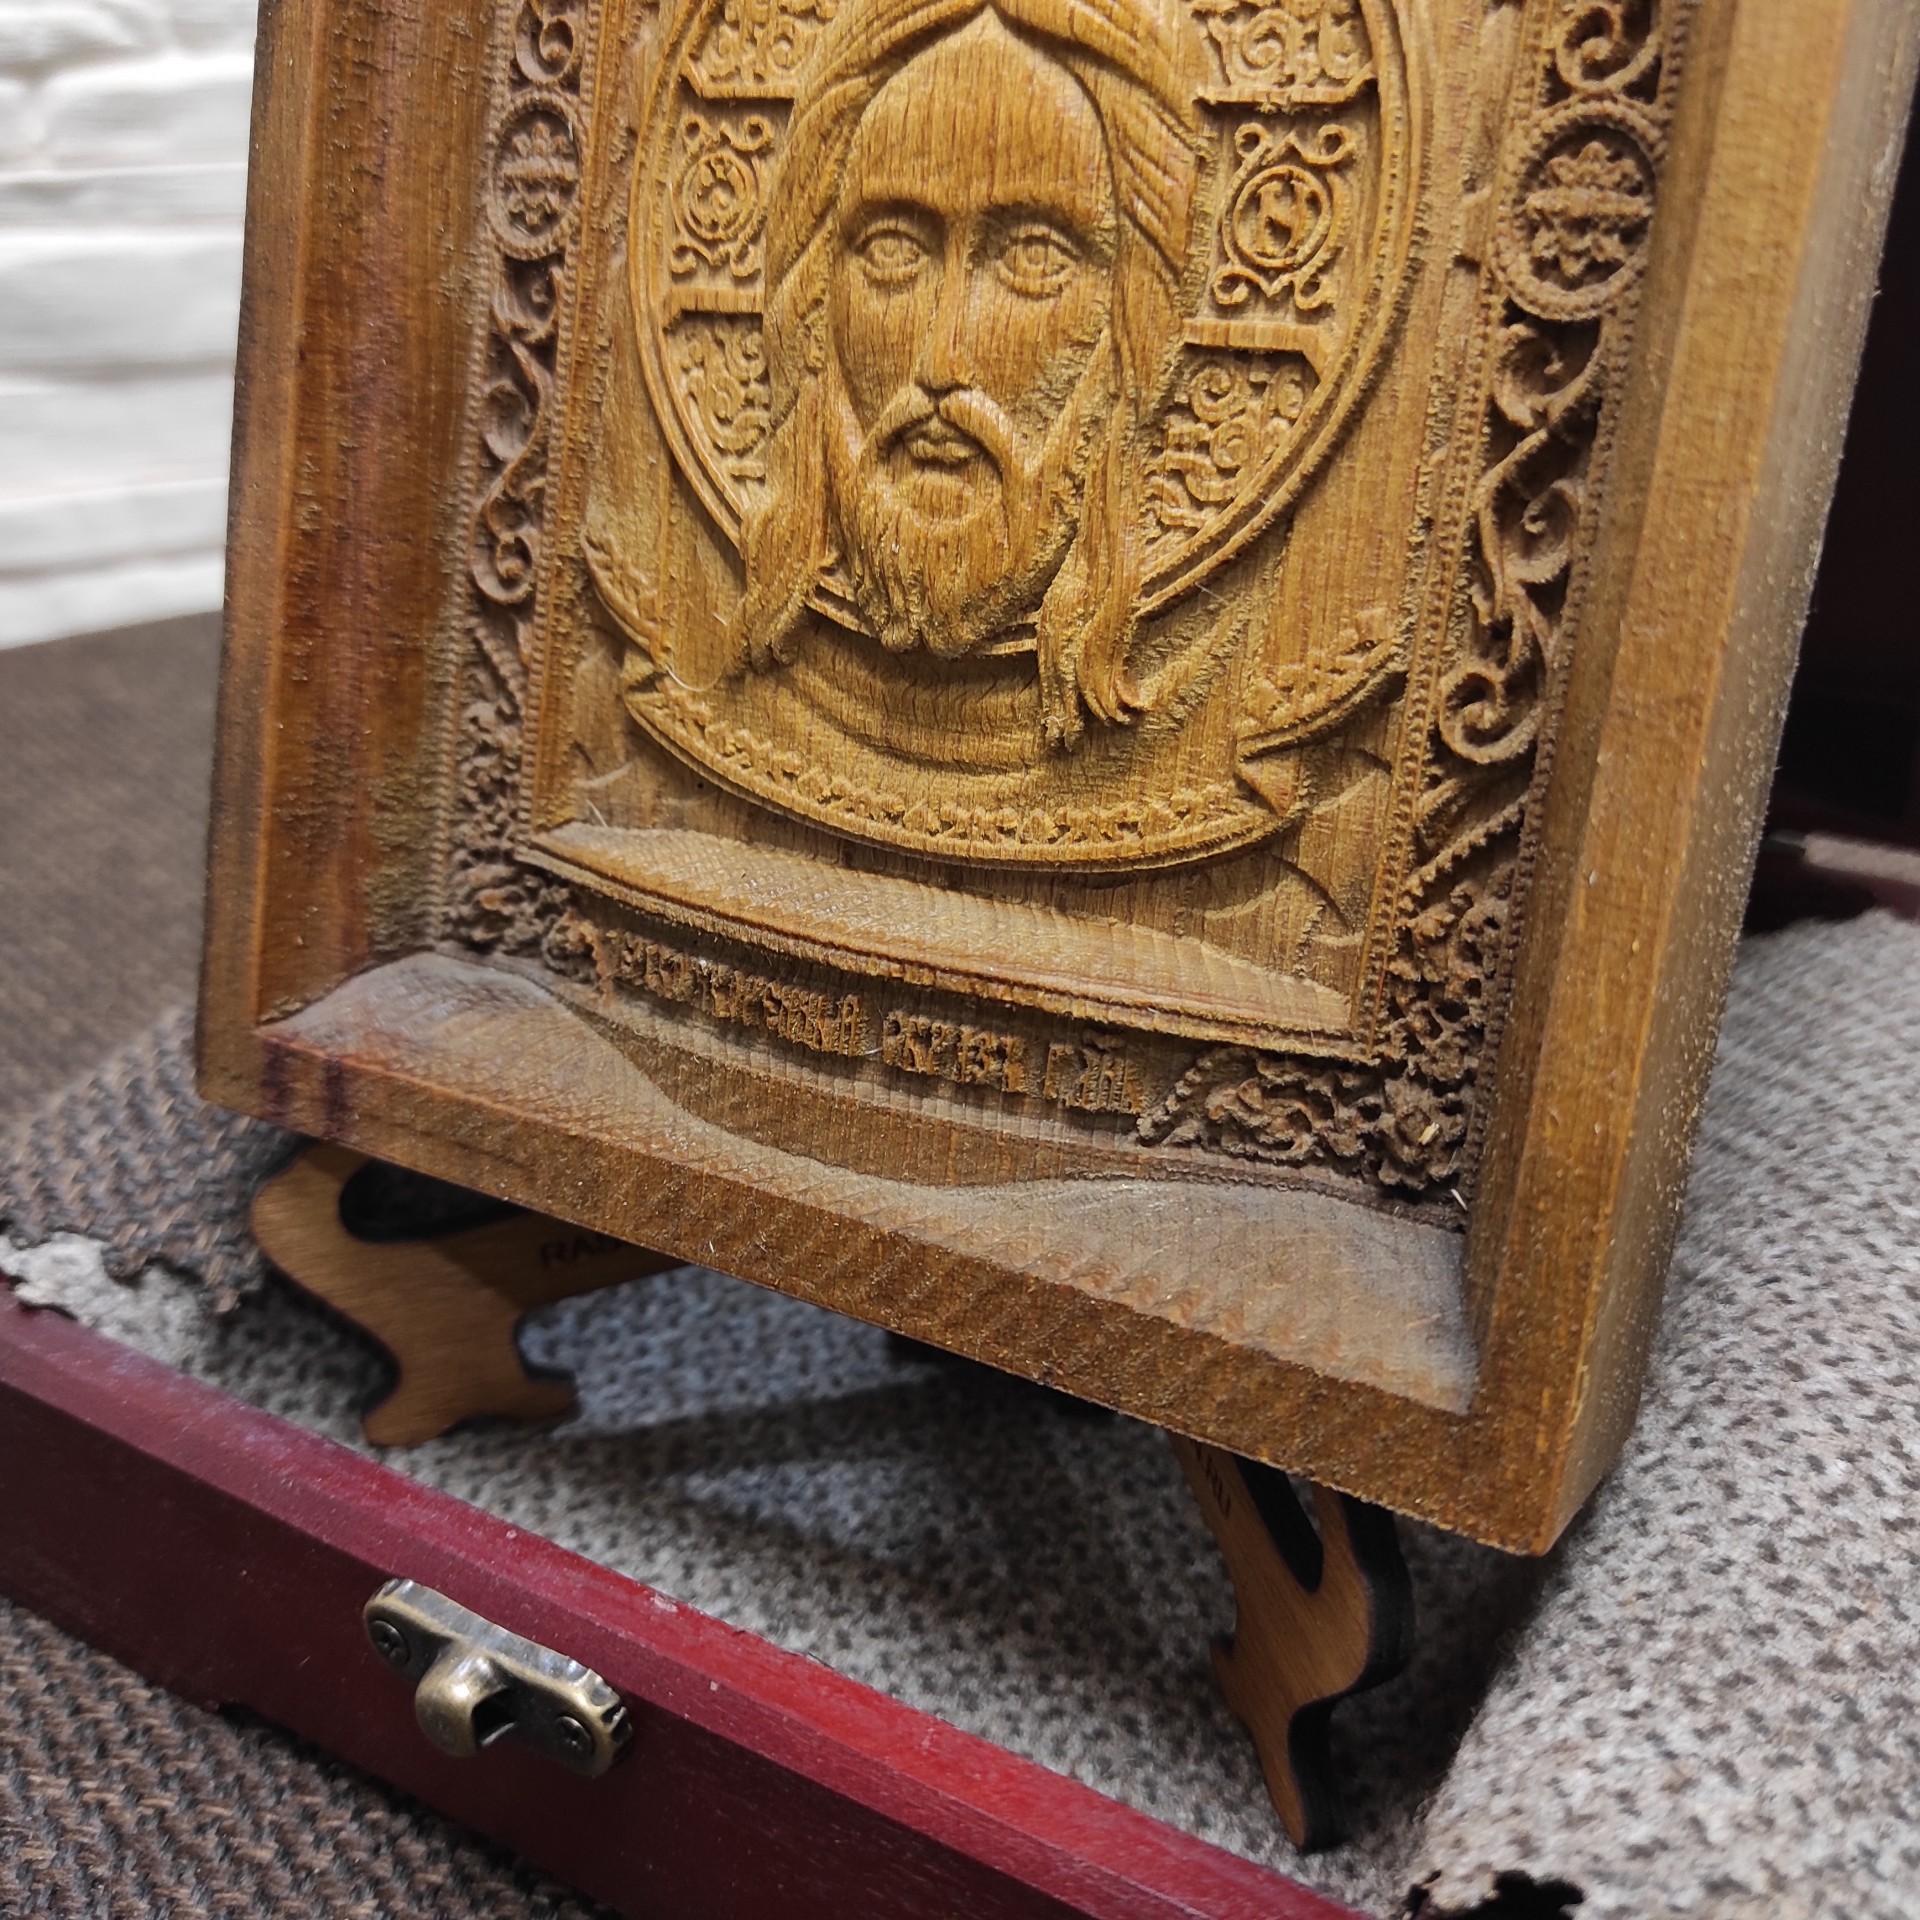 Фото нижней части маленькой резной иконы Спас Нерукотворный уложенной на подставке в футляре с покровом